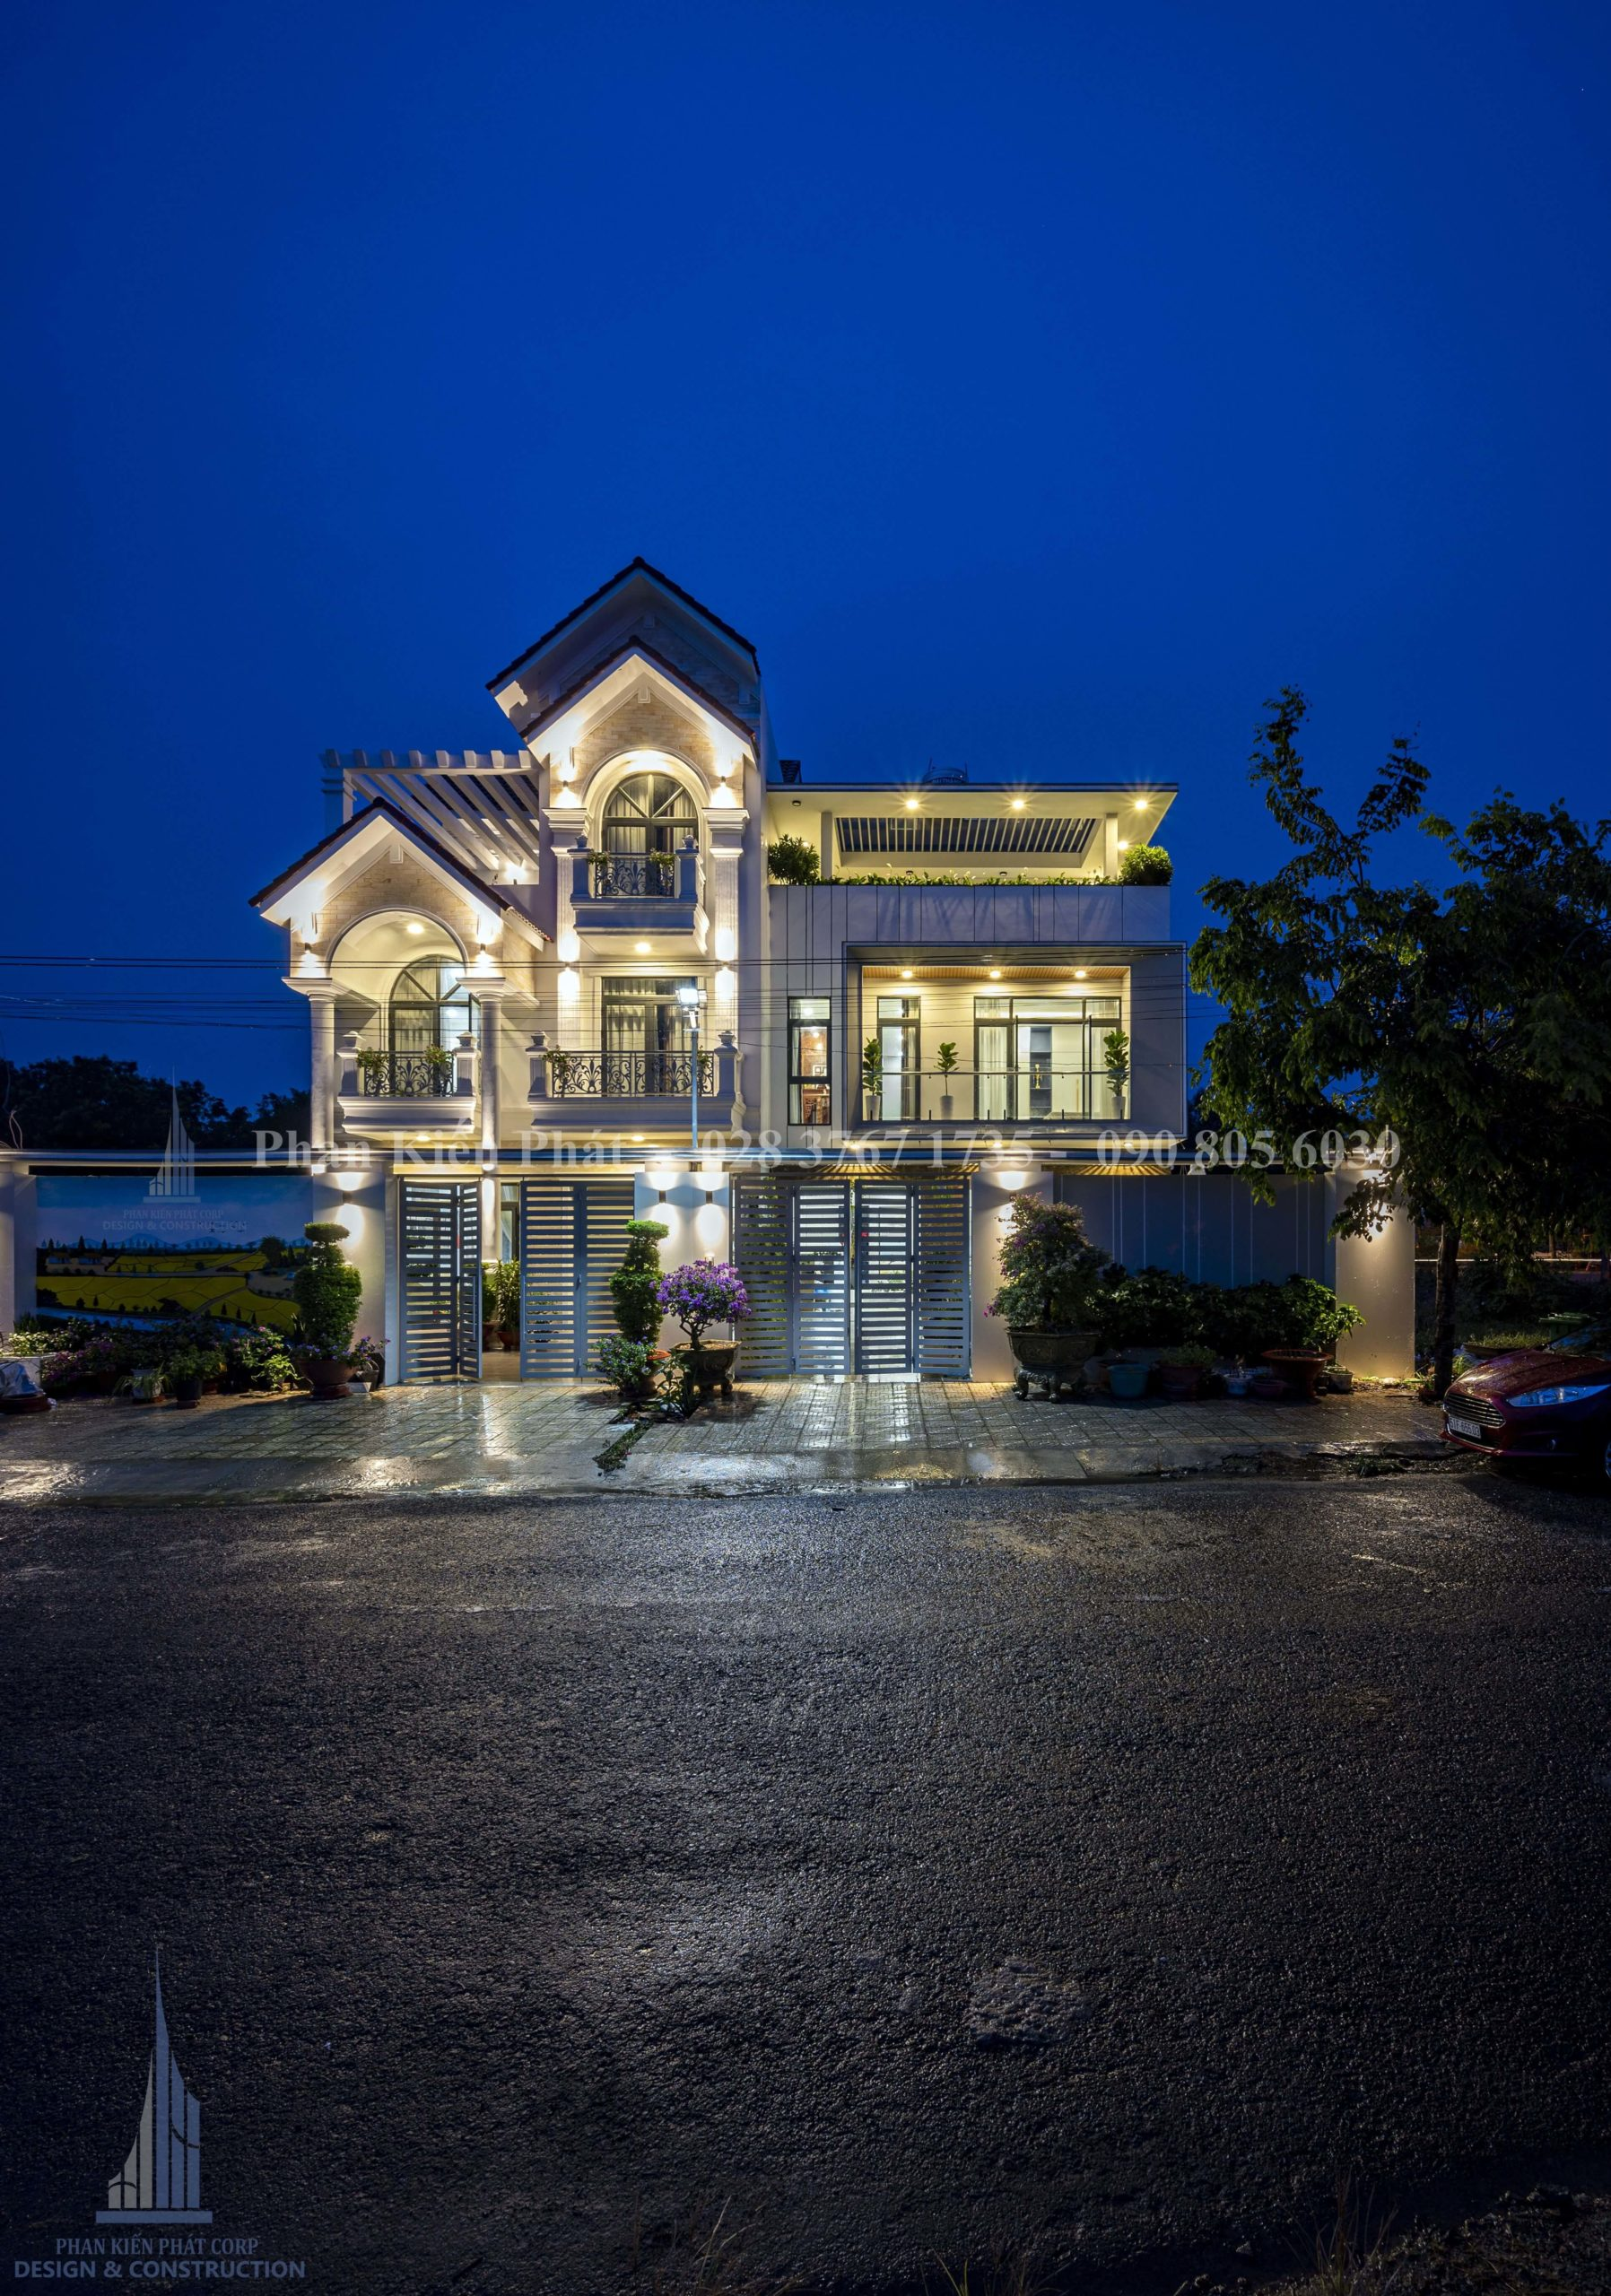 Hoan Thanh 2cong Trinh Biet Thu Theo 2 Phong Cach Co Dien Va Hien Dai 1 Tkxdnd